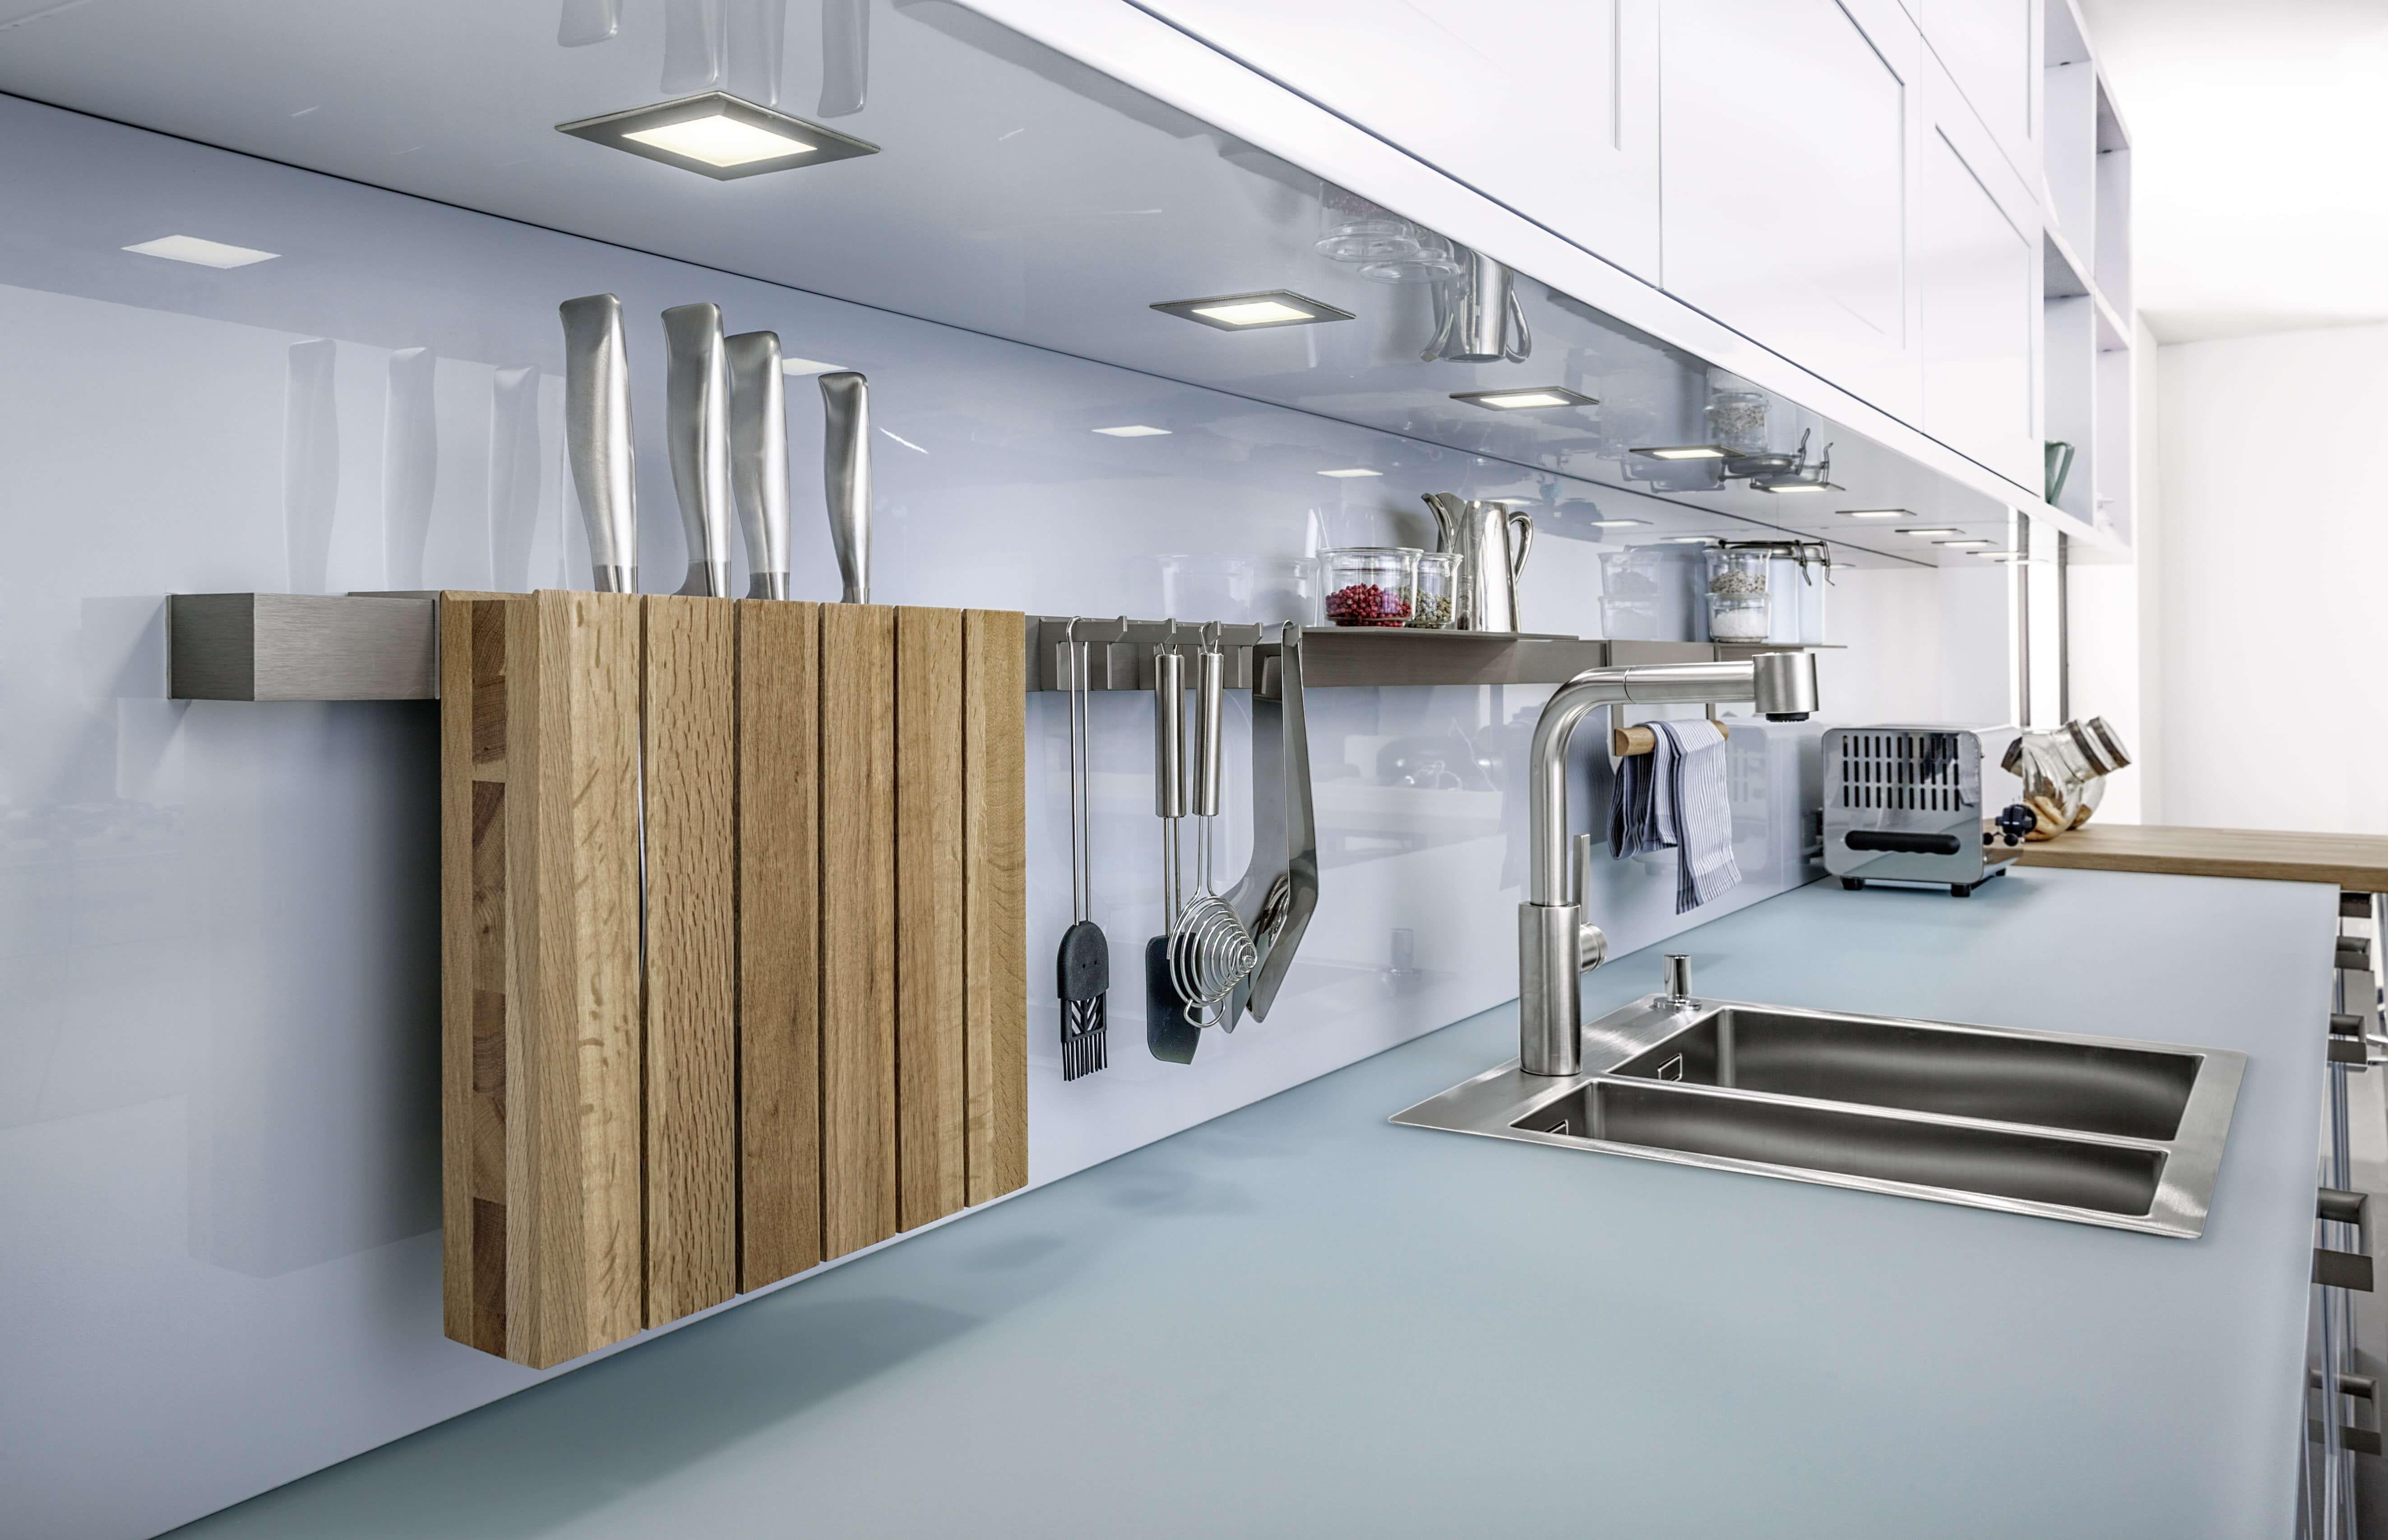 Spritzschutz beim Herd: Ideen für die Gestaltung der Küchenrückwand ...